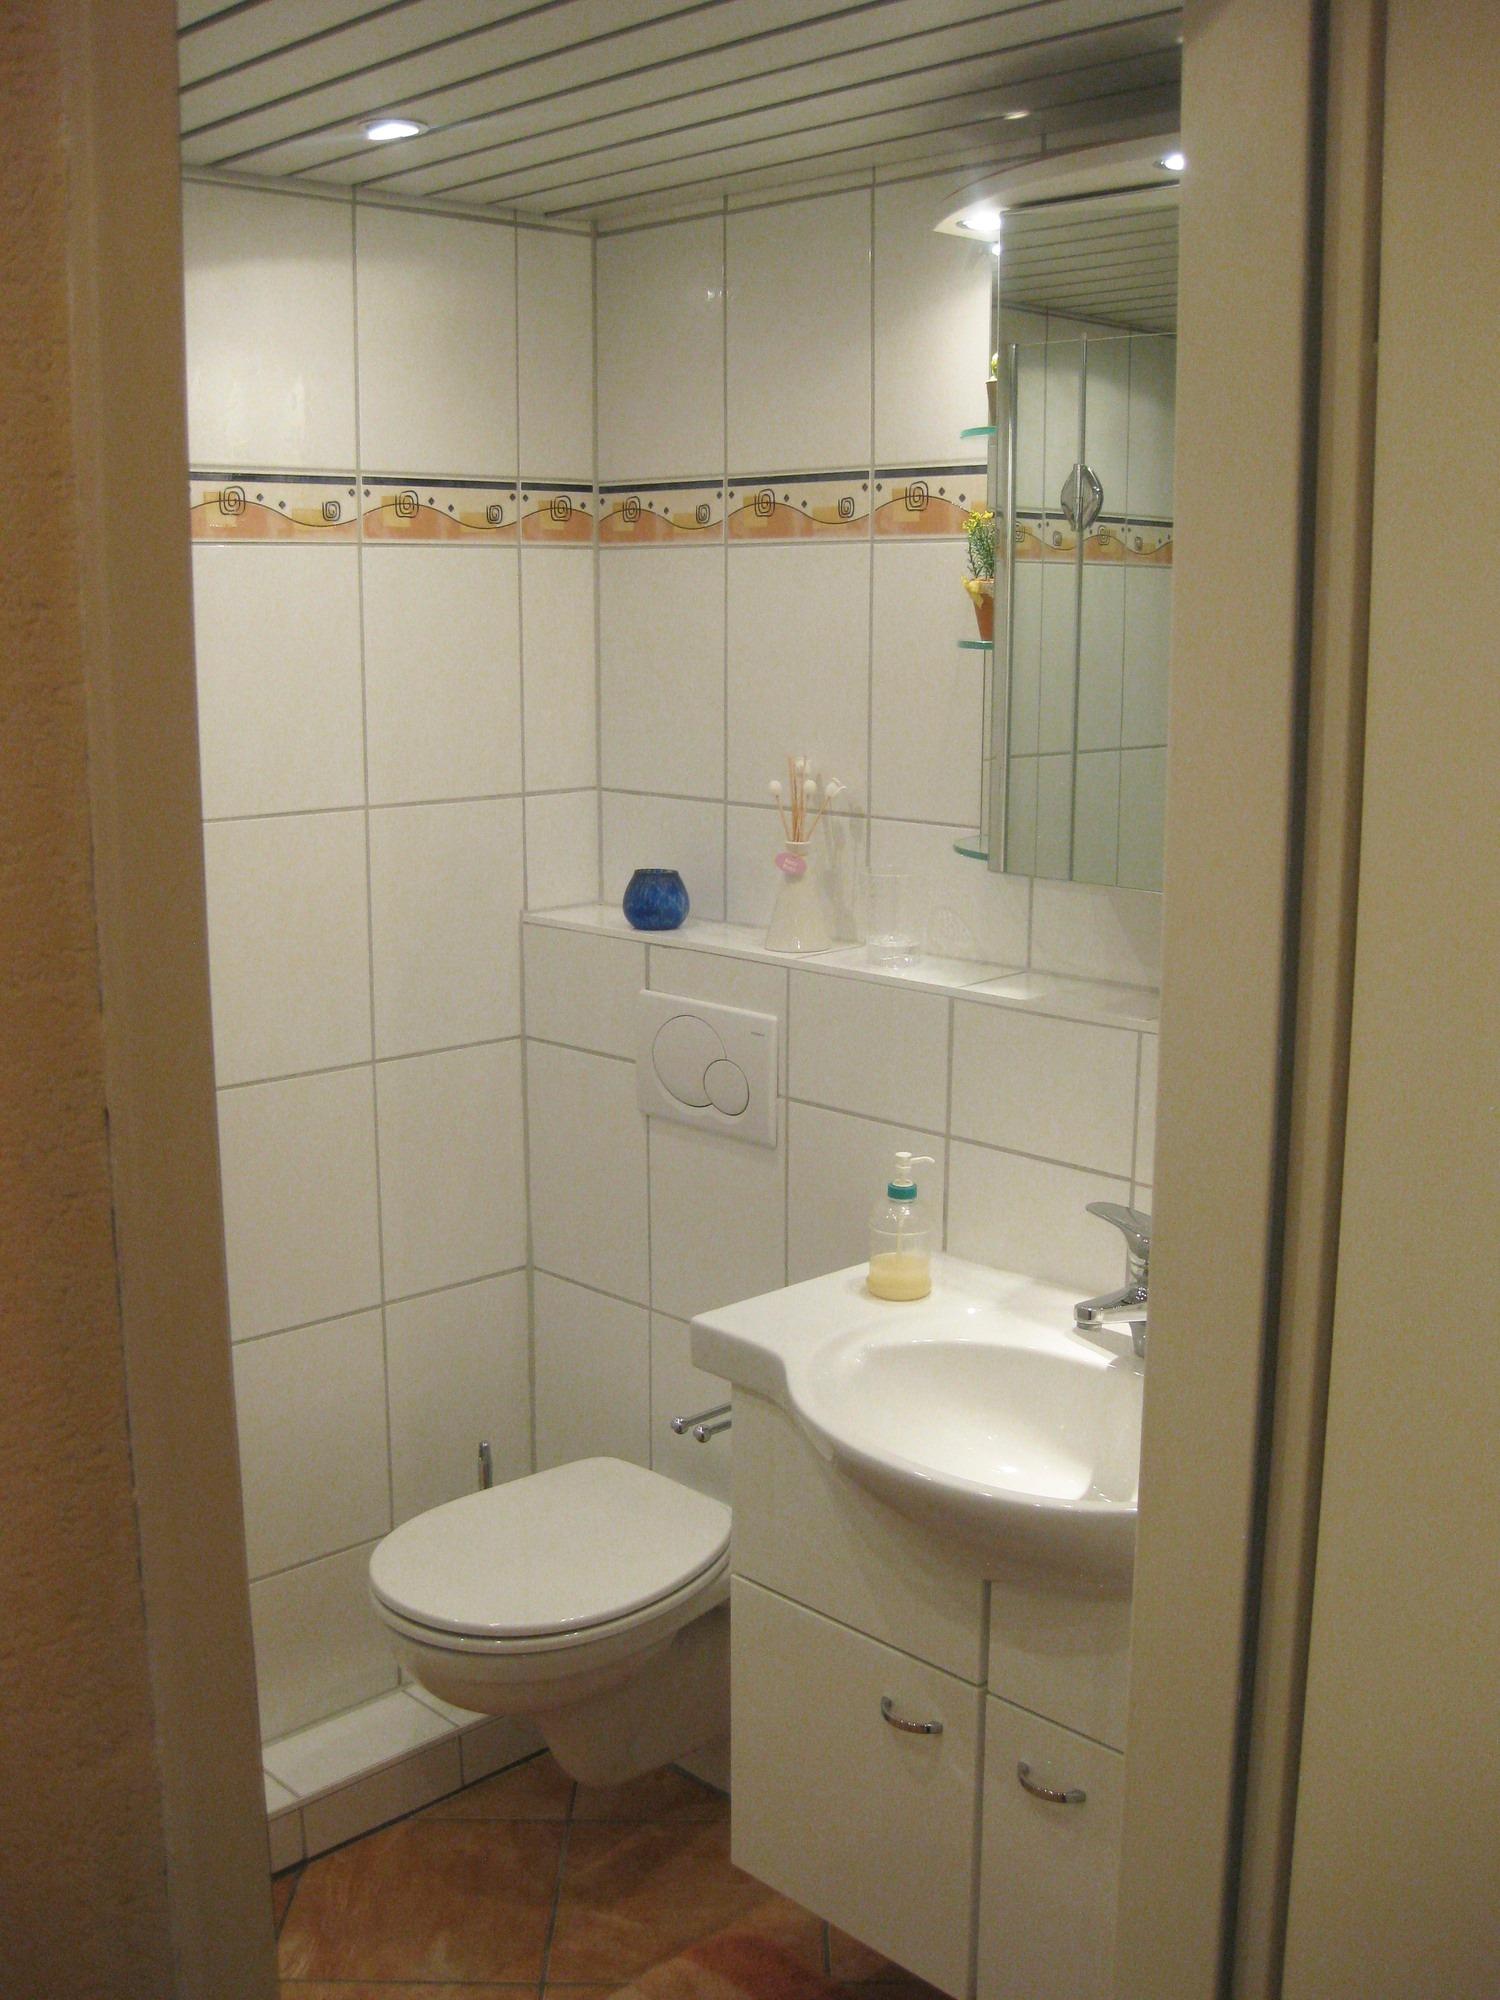 Ferienwohnung Haus Nautic 4-3-6 (887416), Kellenhusen, Lübecker Bucht, Schleswig-Holstein, Deutschland, Bild 9